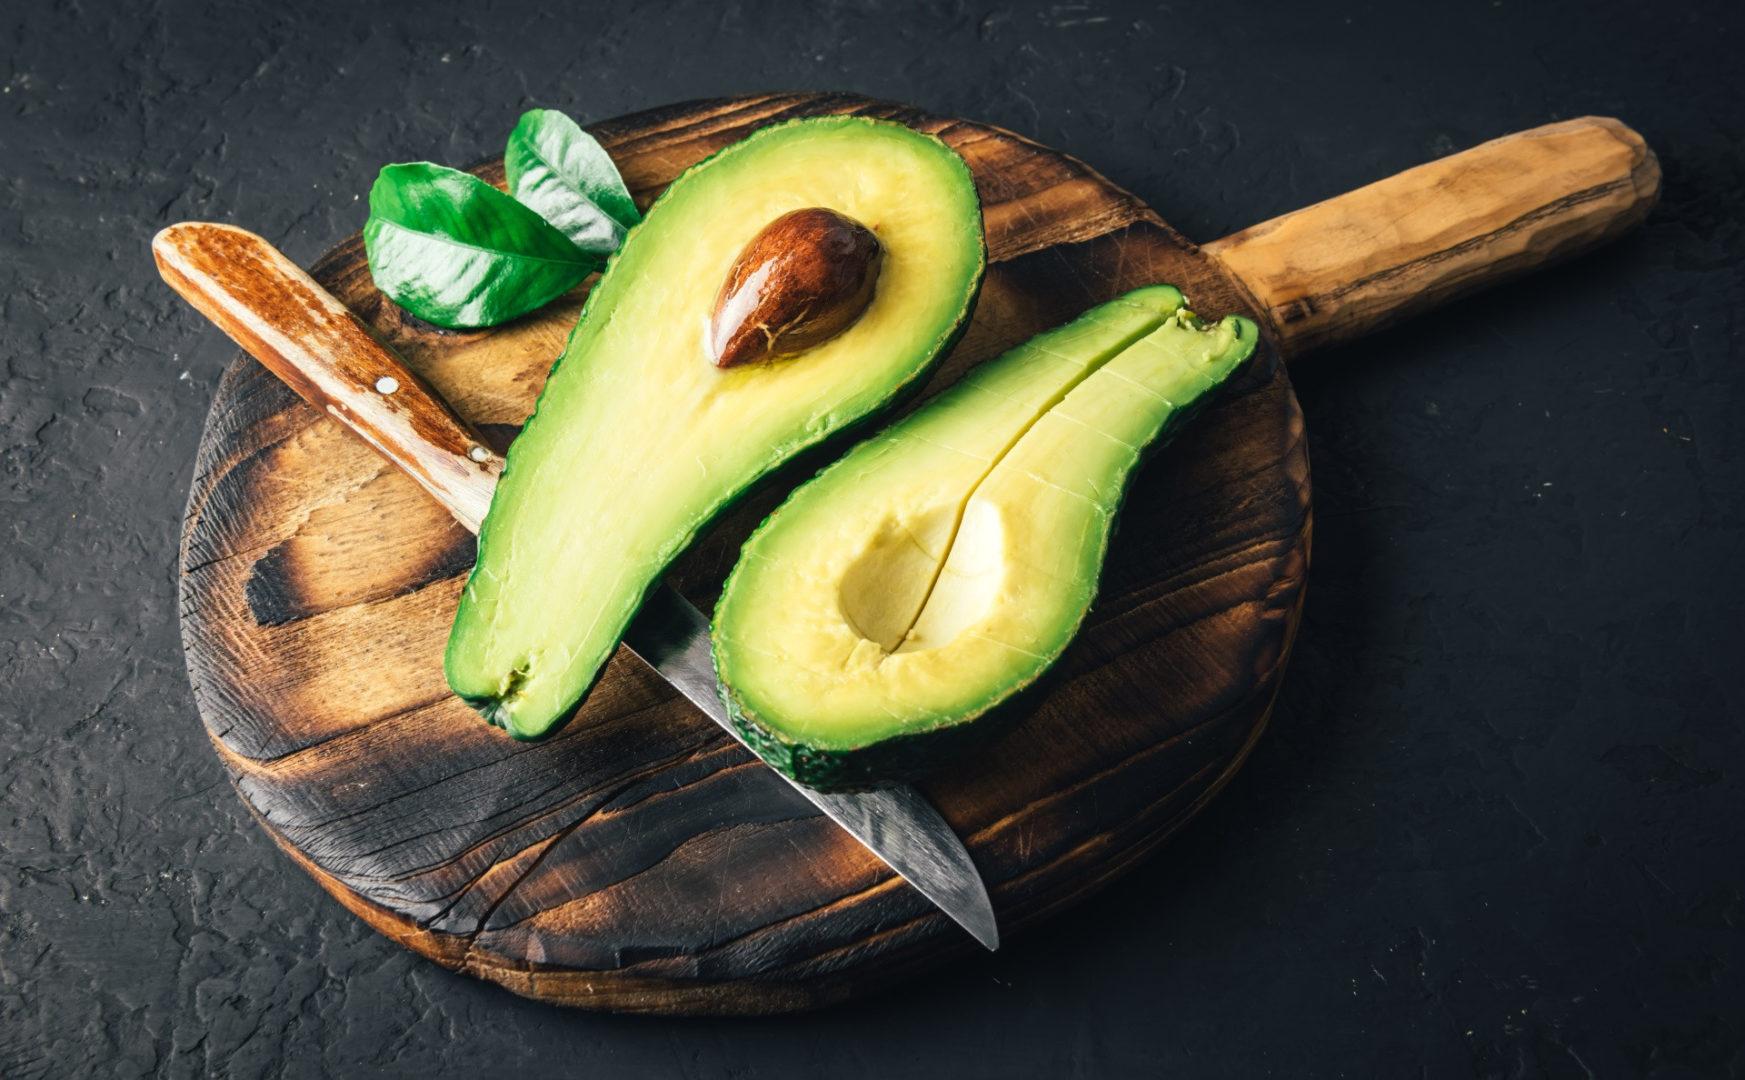 τροφές που ρίχνουν τη χοληστερίνη - fresh avocado fruit on a wooden board - 6+1 τροφές που ρίχνουν τη χοληστερίνη